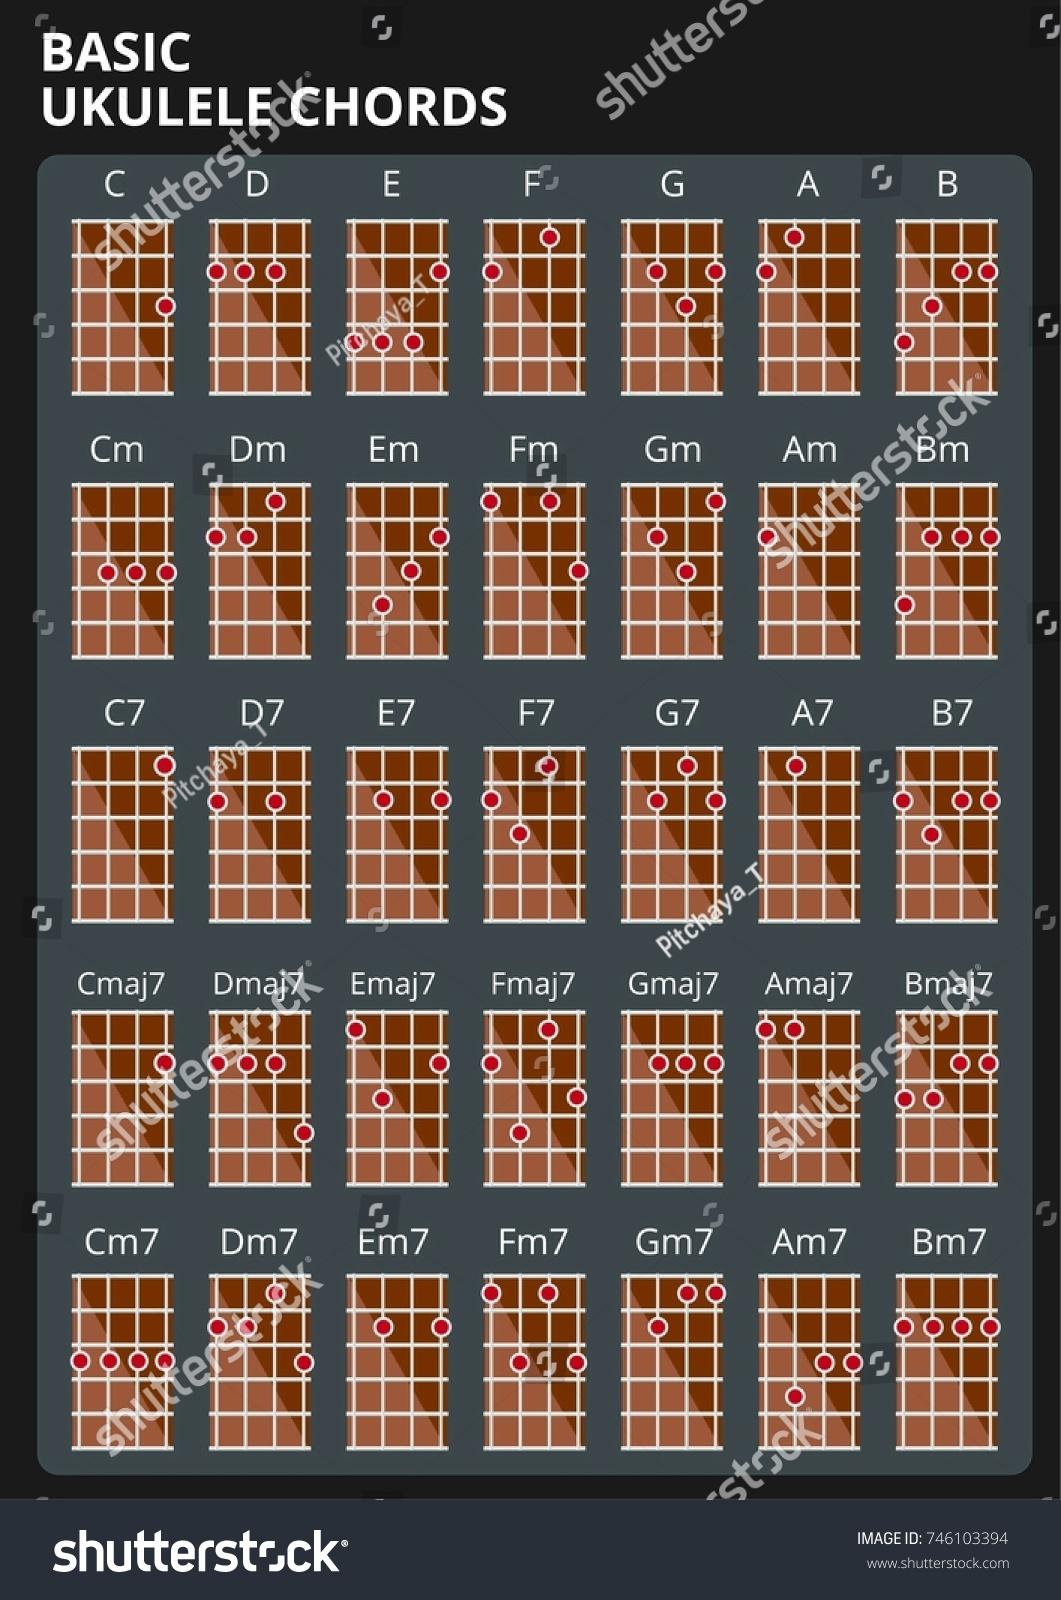 Basic chords ukulele stock vector 746103394 shutterstock basic chords ukulele hexwebz Images